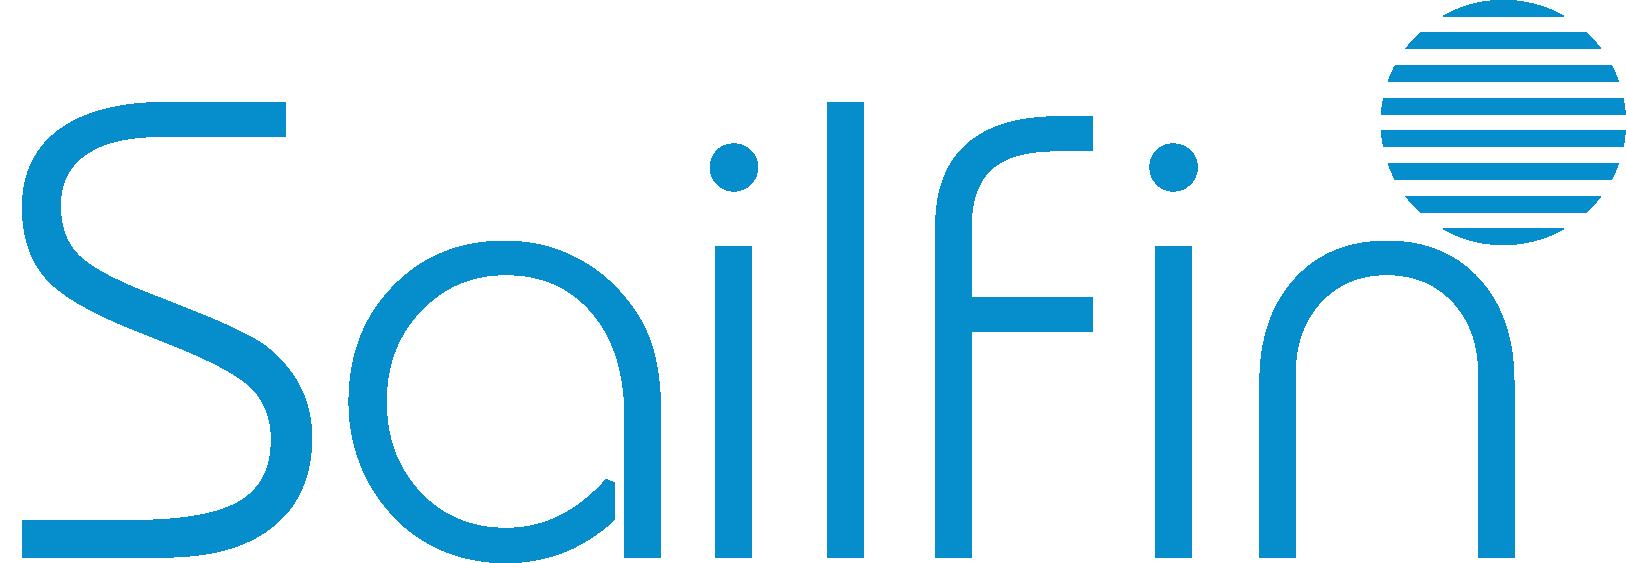 Sailfin Technologies